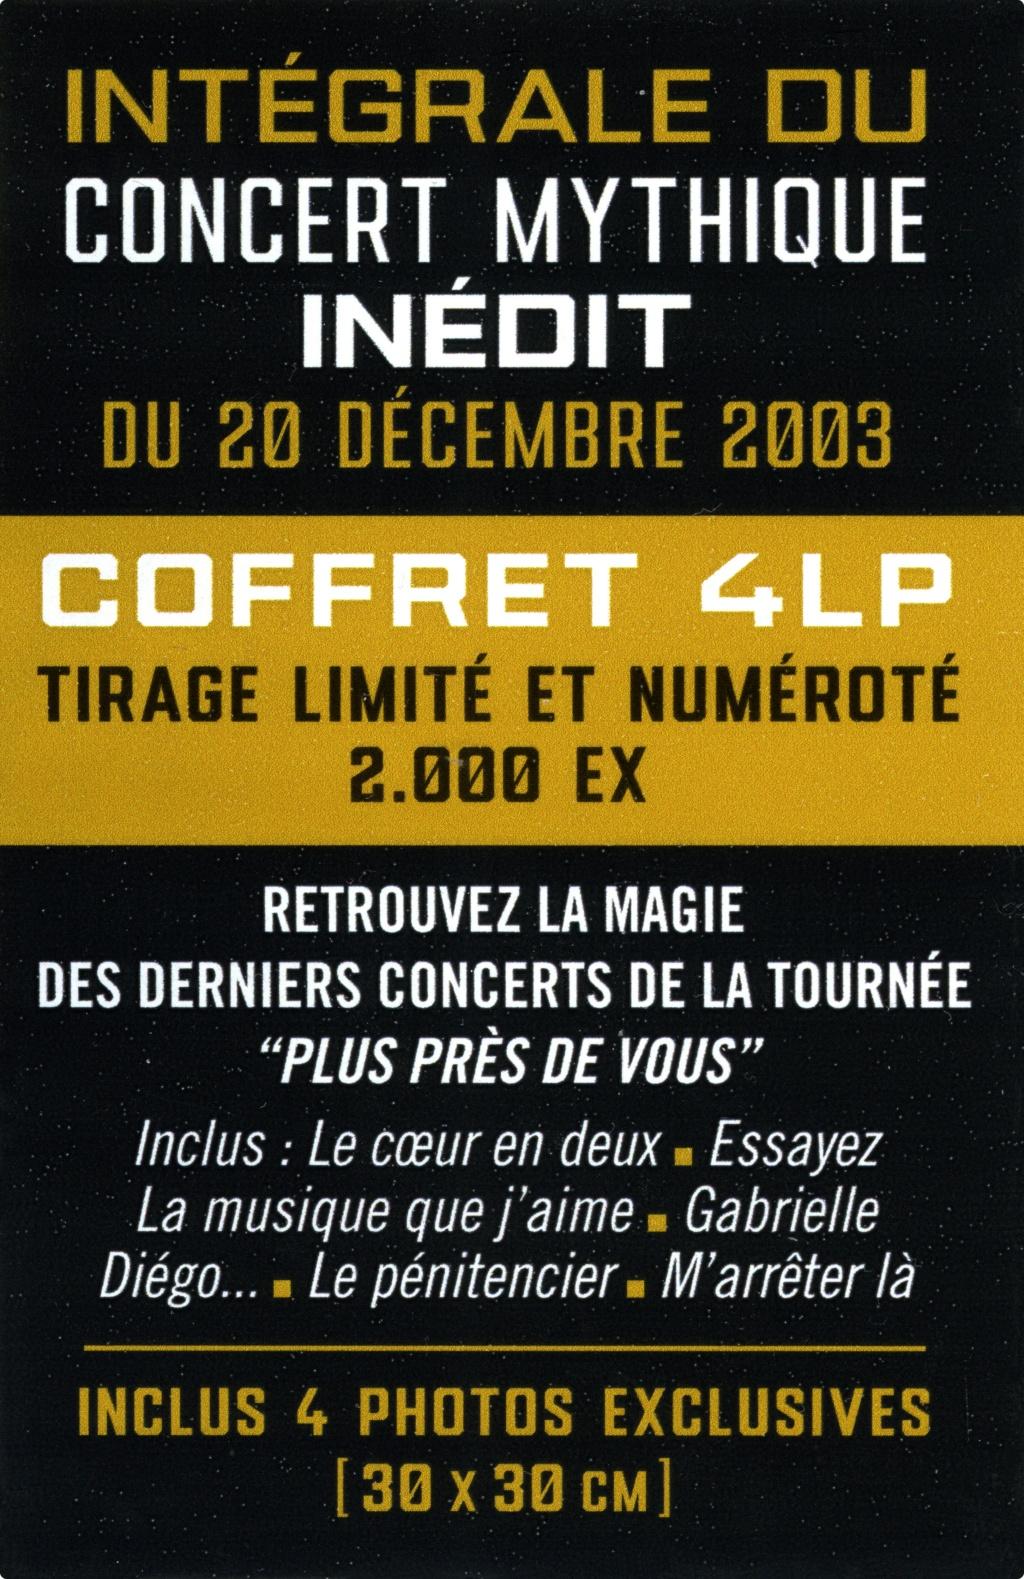 Le coffret 4 LP Bercy 2003 2020-185